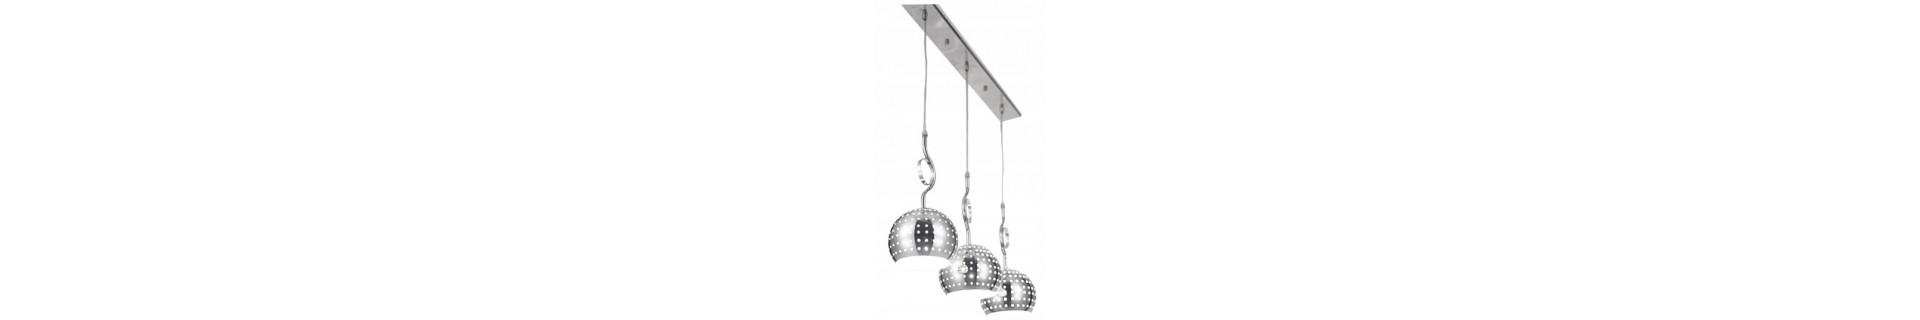 Lampy i kinkiety do kuchni. Inteligentne źródła światła połączone z nienaganną stylistyką.